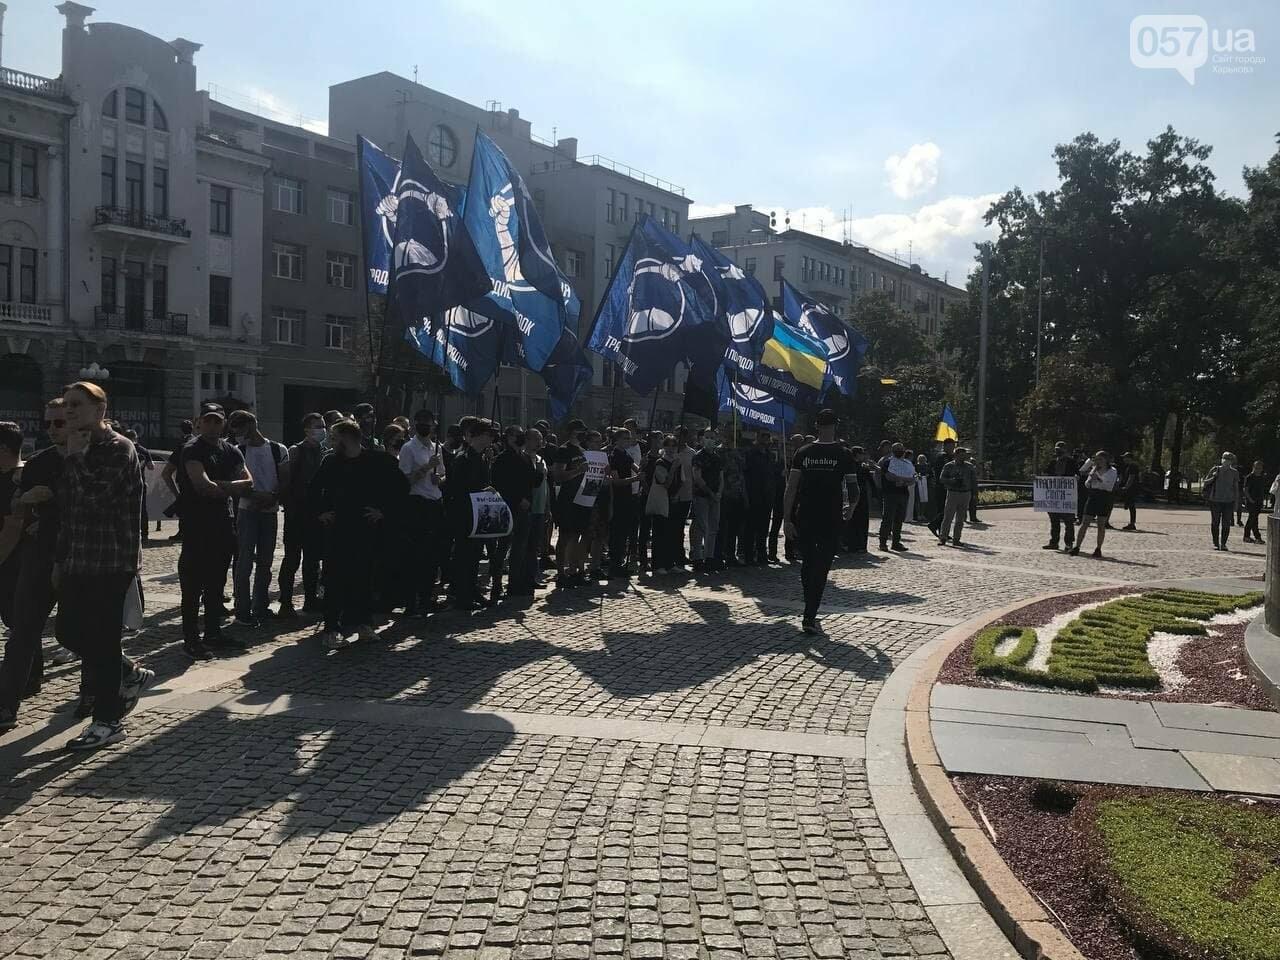 «Связанные» активисты и плакаты напротив дороги: в центре Харькова националисты митинговали против ЛГБТ-марша, - ФОТОРЕПОРТАЖ, фото-1